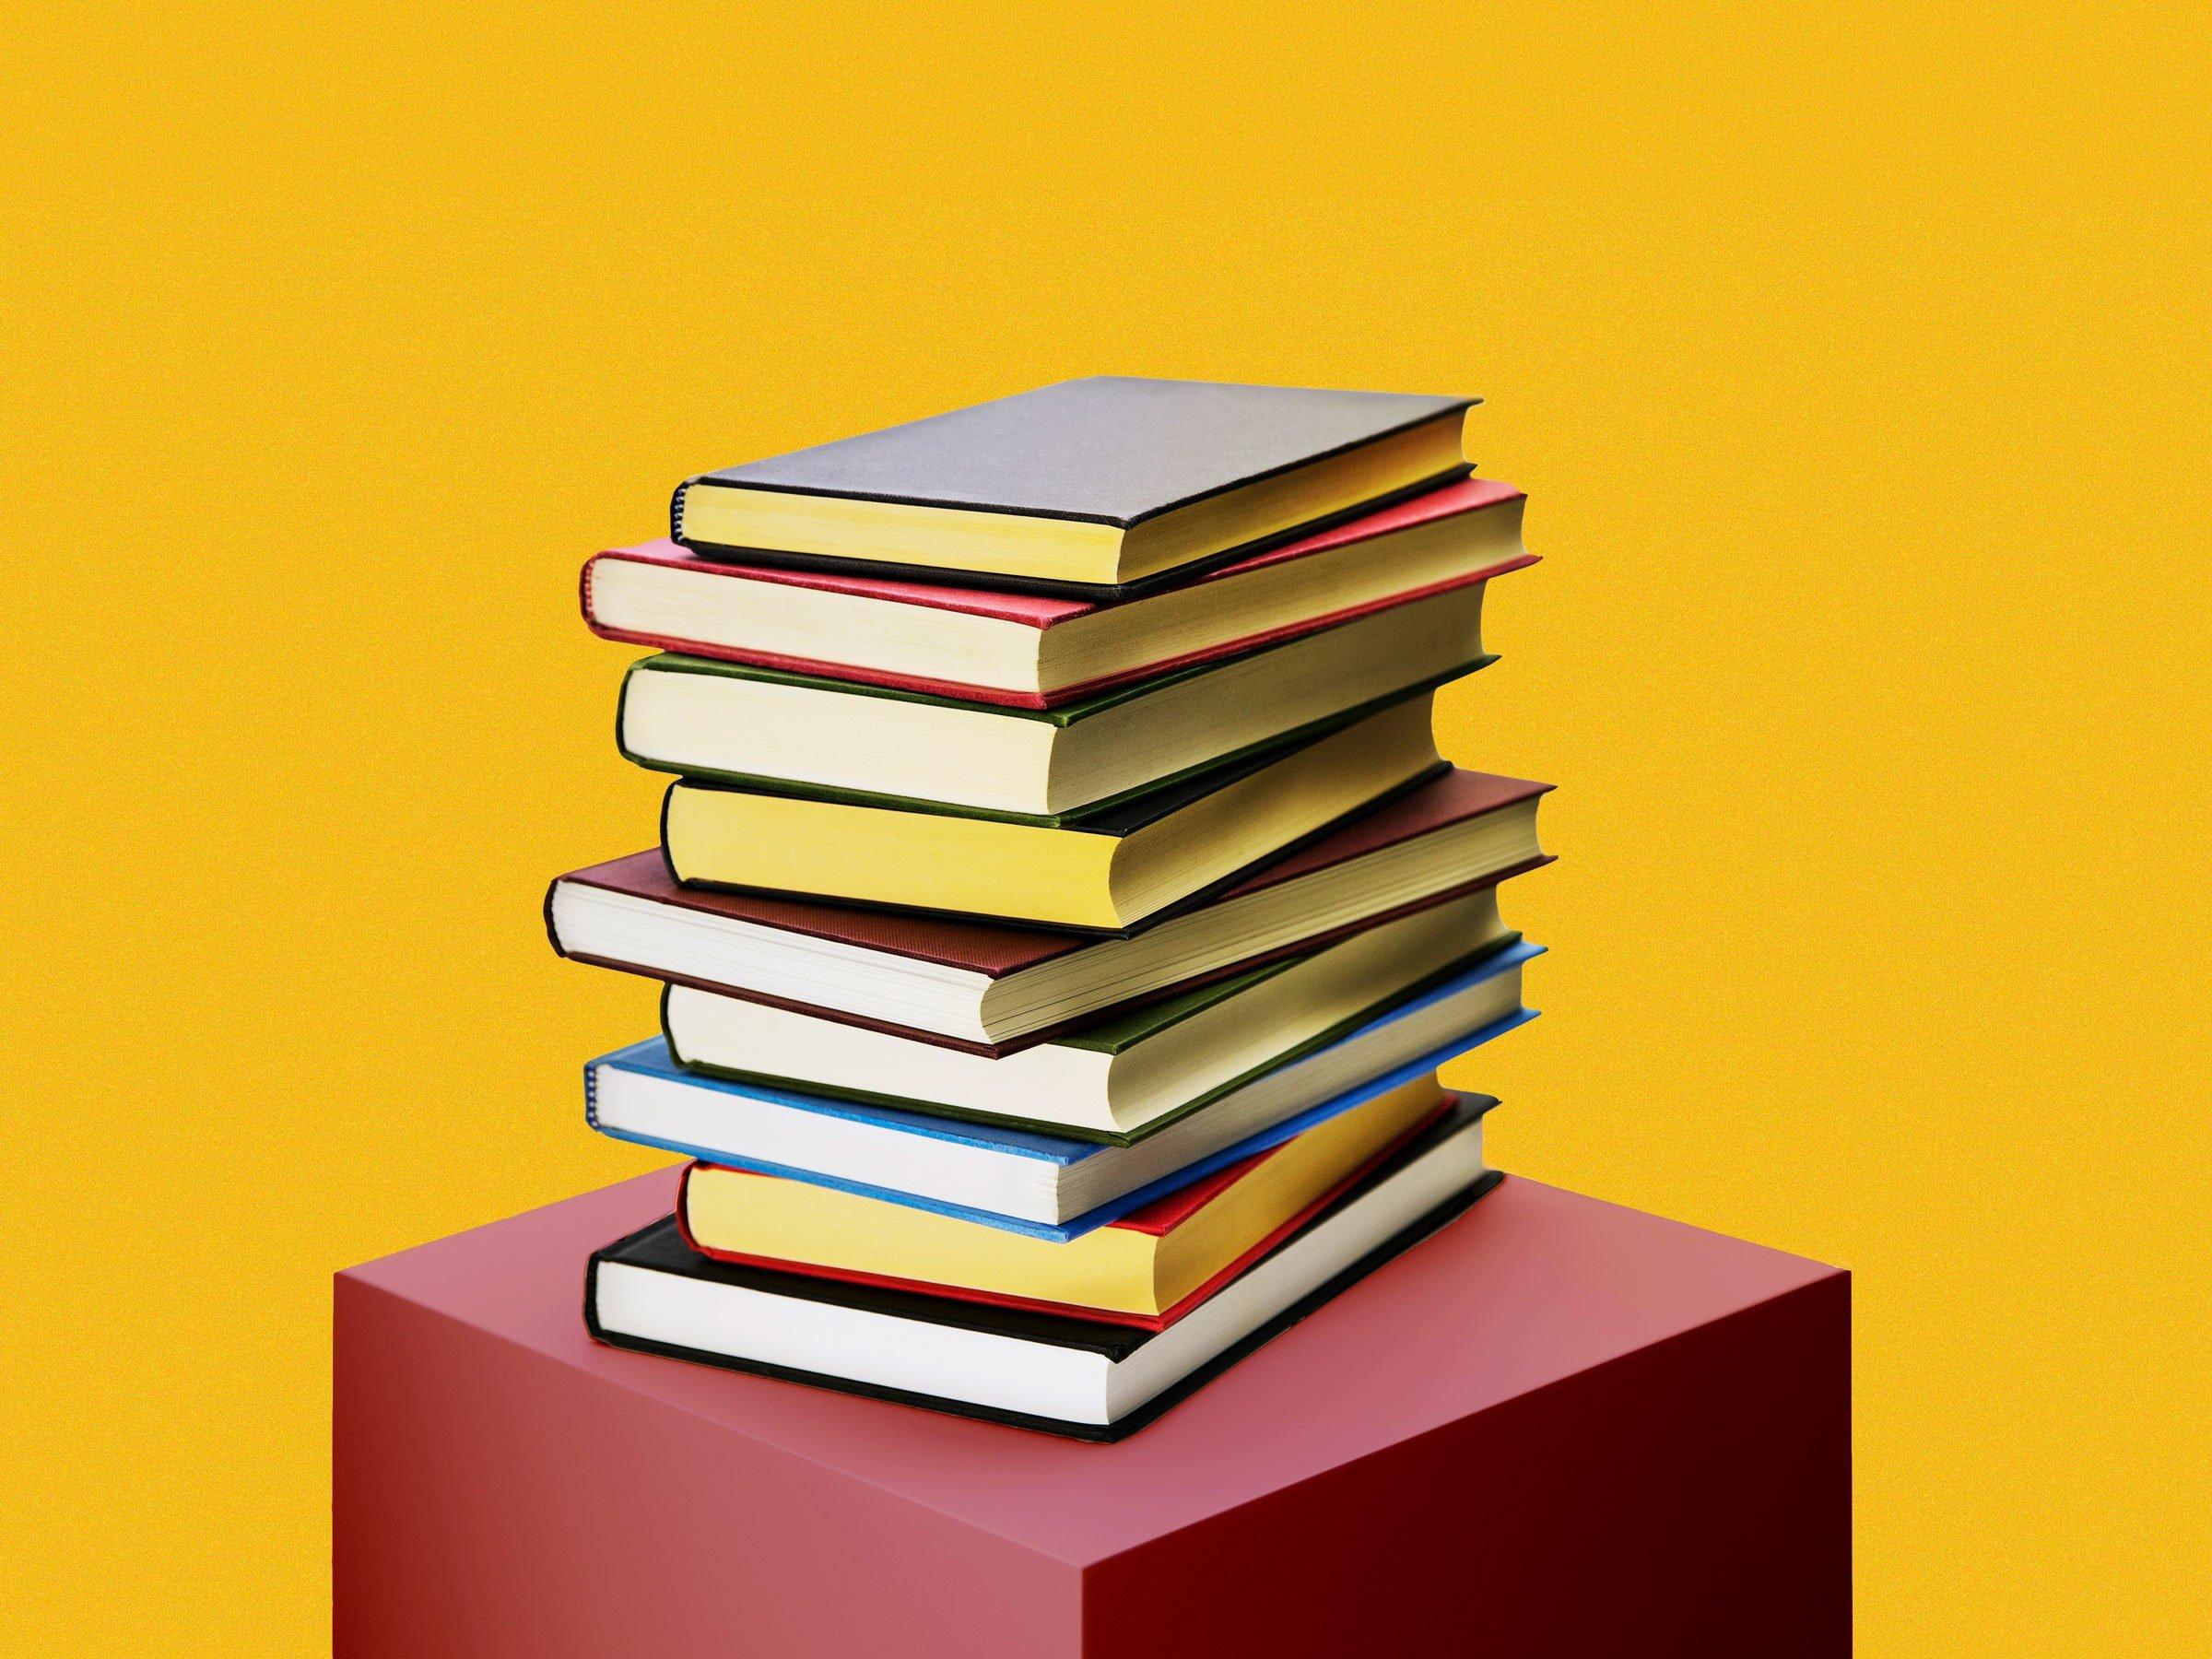 Imam Mahdi (aj) – Idea 15: Books, books, books!